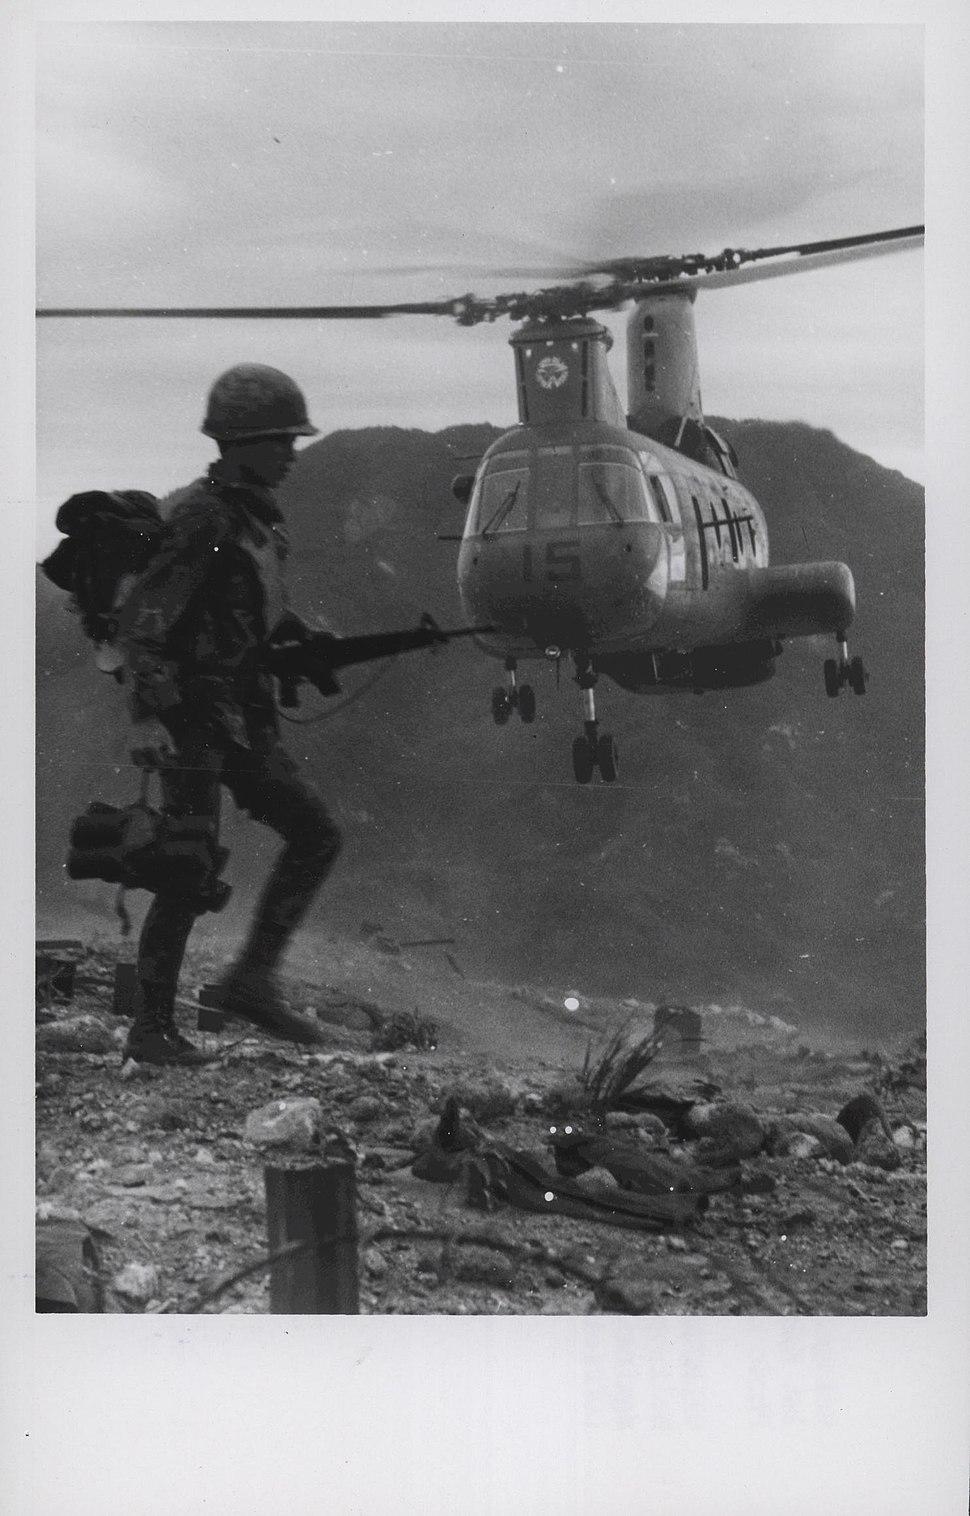 Vietnamese Ranger and an HMM-263 CH-46D near An Hoa